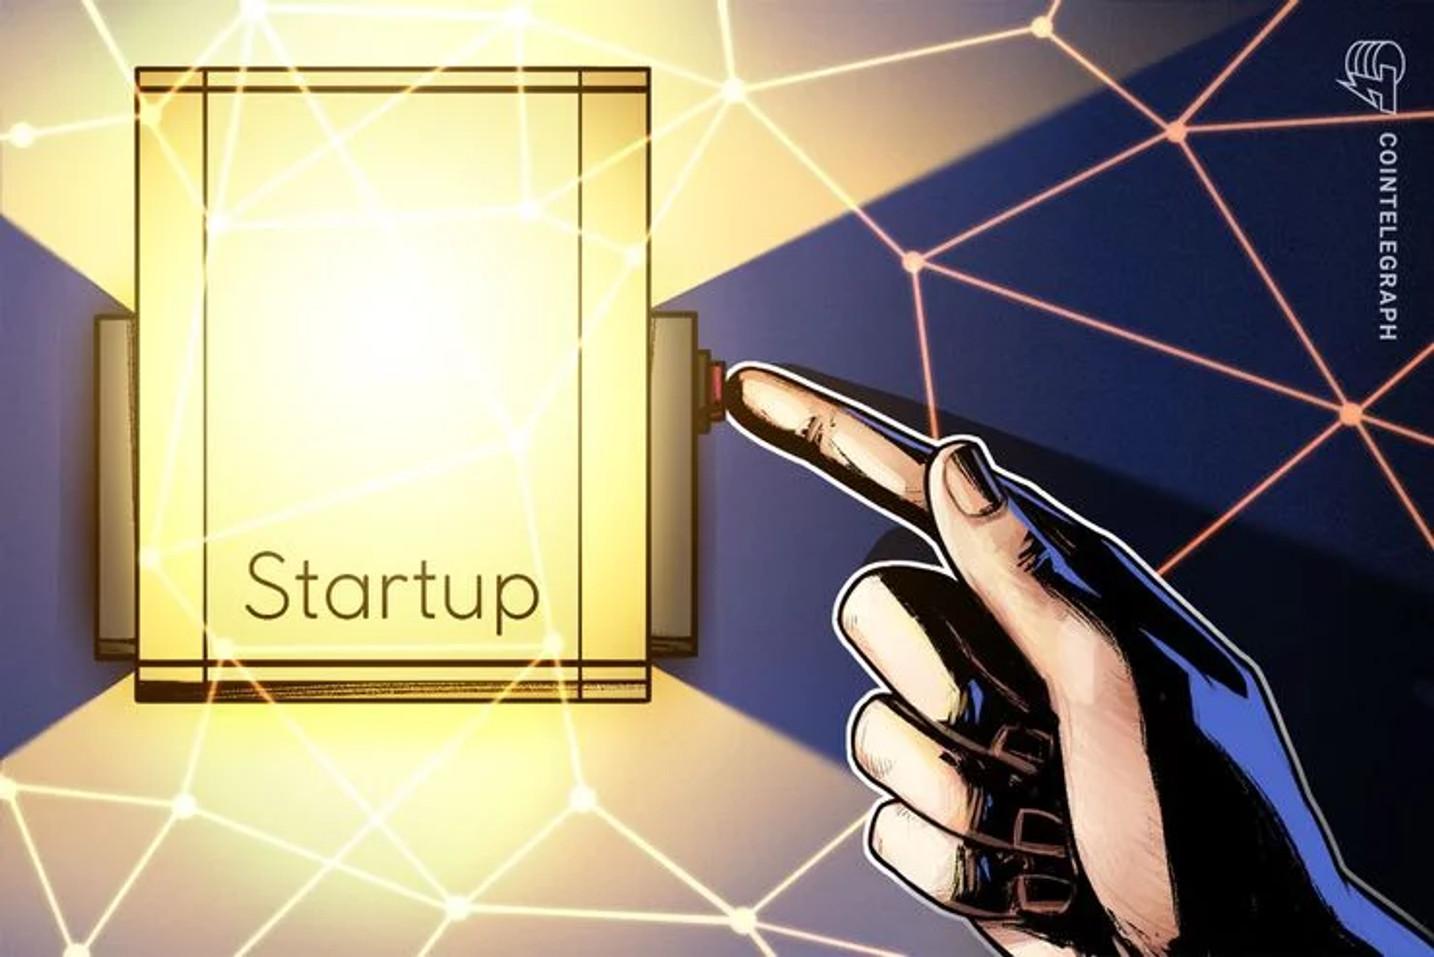 Startup nova-iorquina Curv levanta US$ 6,5 milhões e planeja 'revolucionar a custódia de criptomoedas'